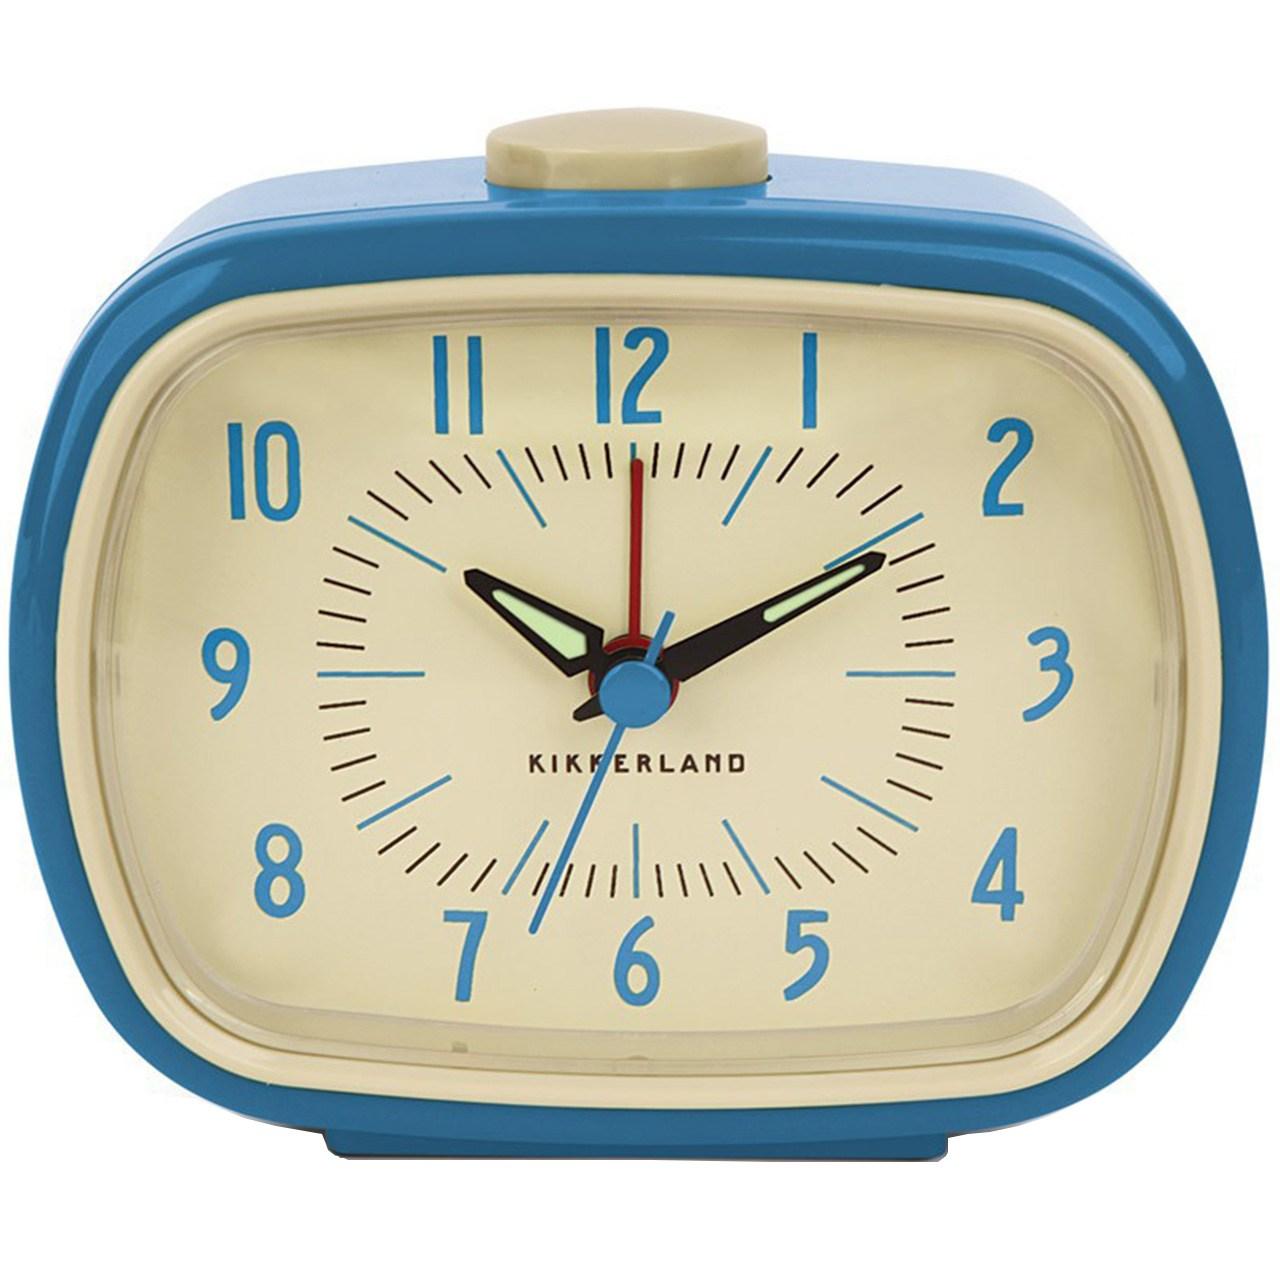 ساعت رومیزی کیکرلند مدل Retro